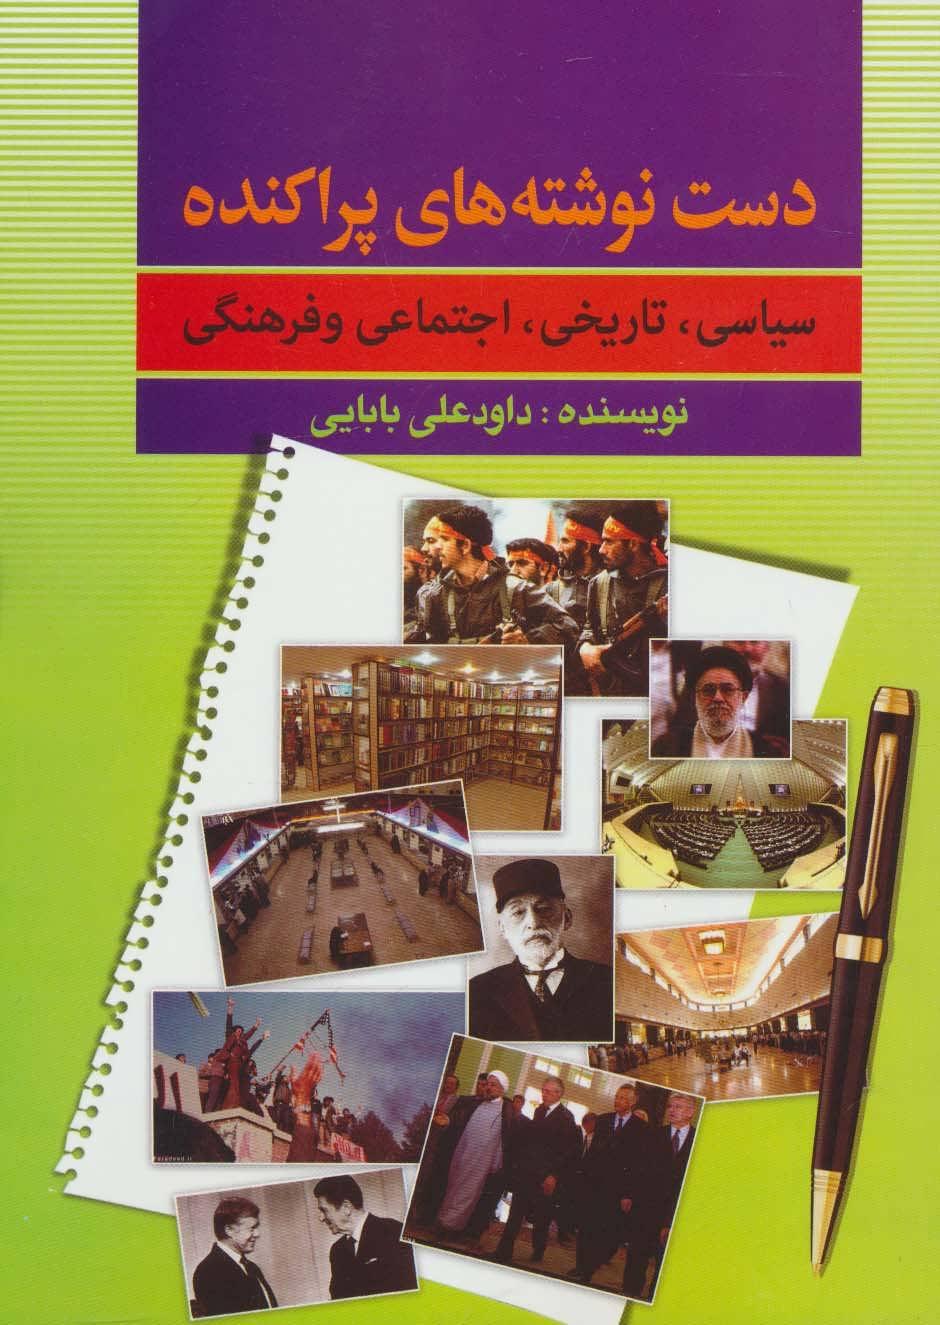 دست نوشته های پراکنده (سیاسی،تاریخی،اجتماعی و فرهنگی)